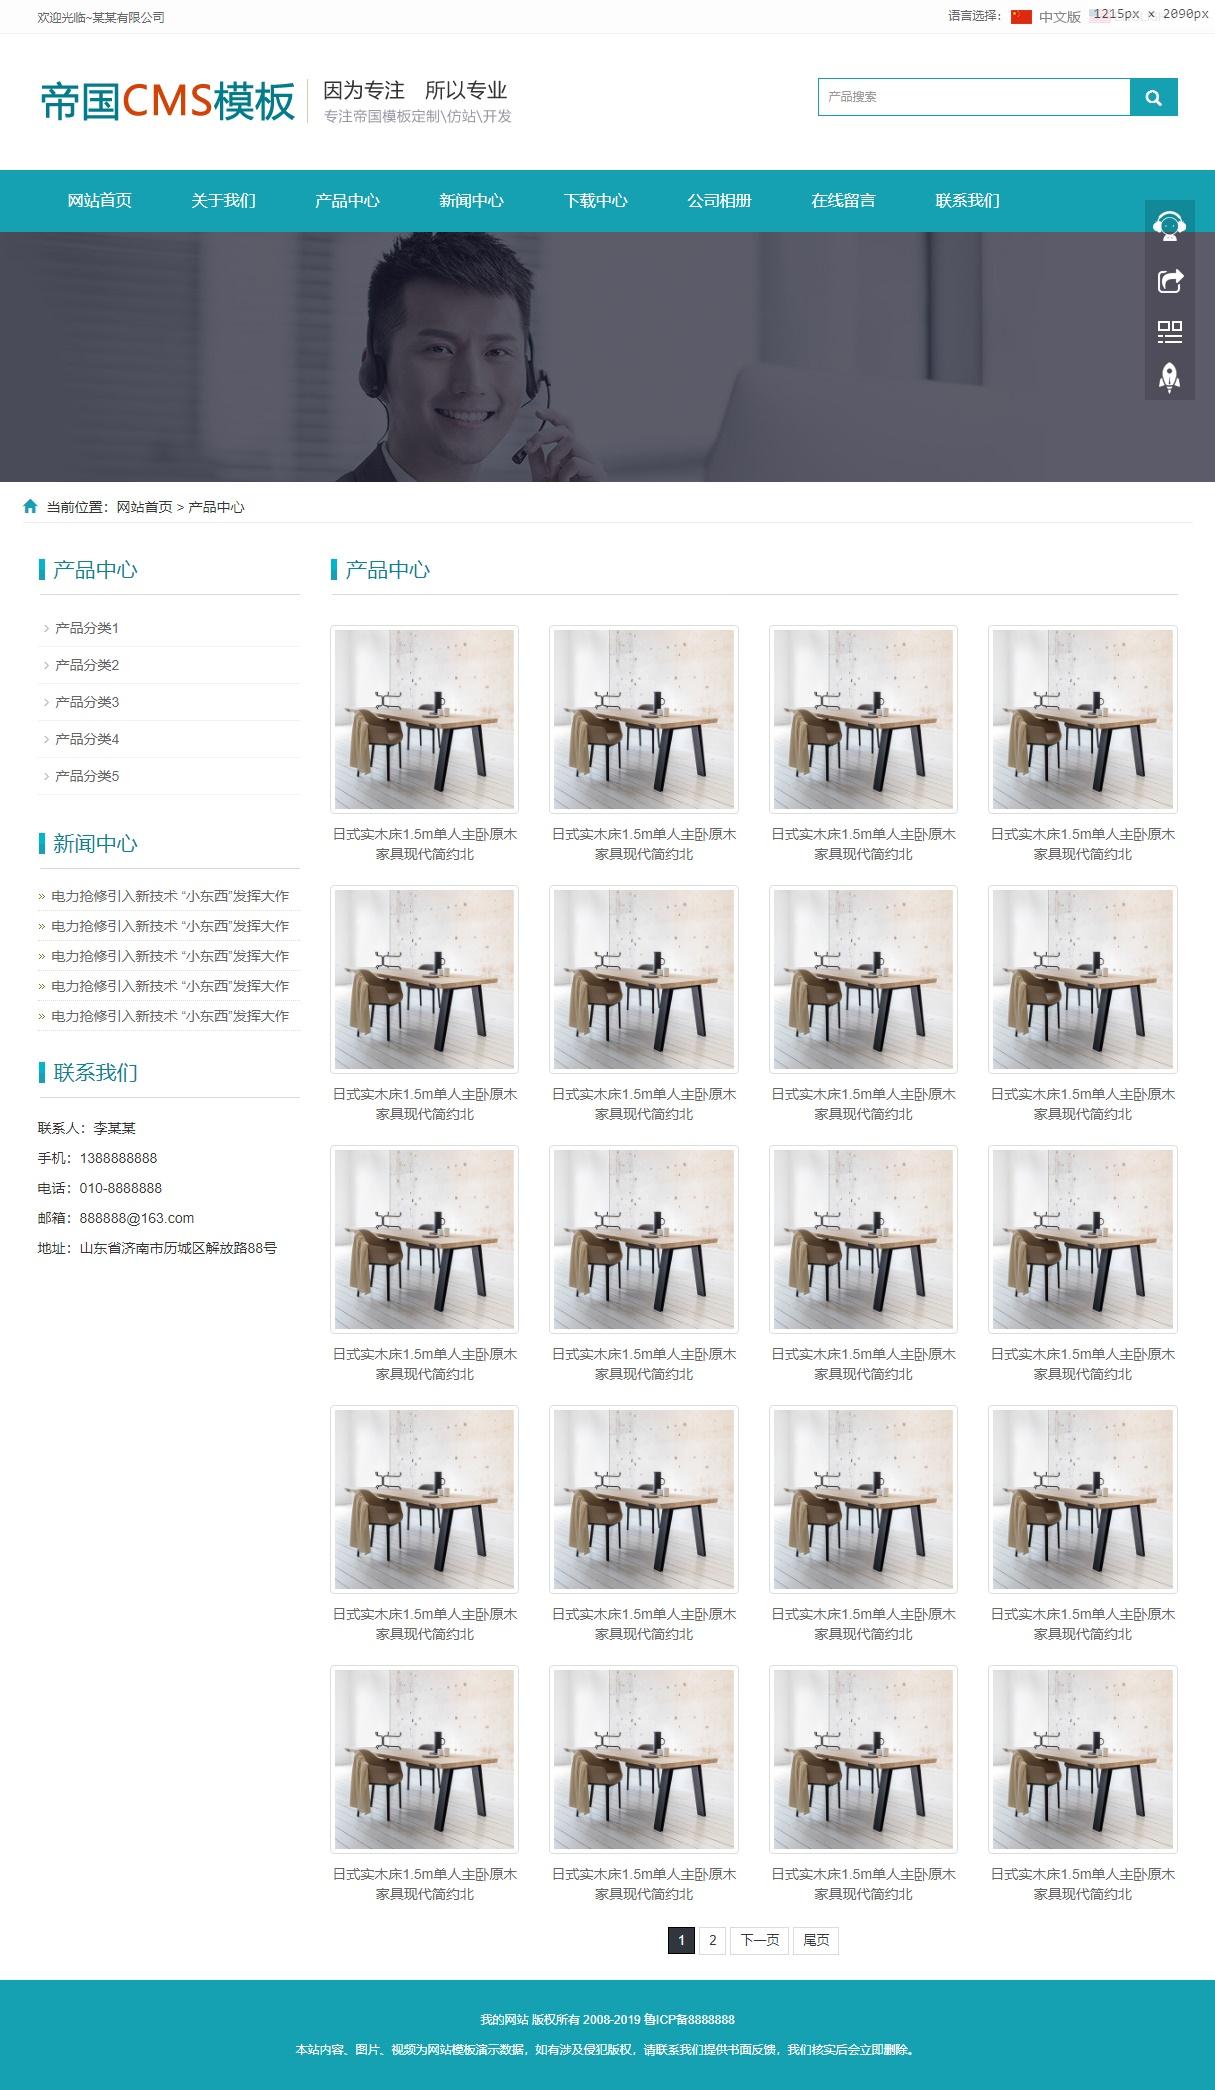 帝国cms模板之公司企业中英文双语版自适应响应式手机网站模板_产品中列表页